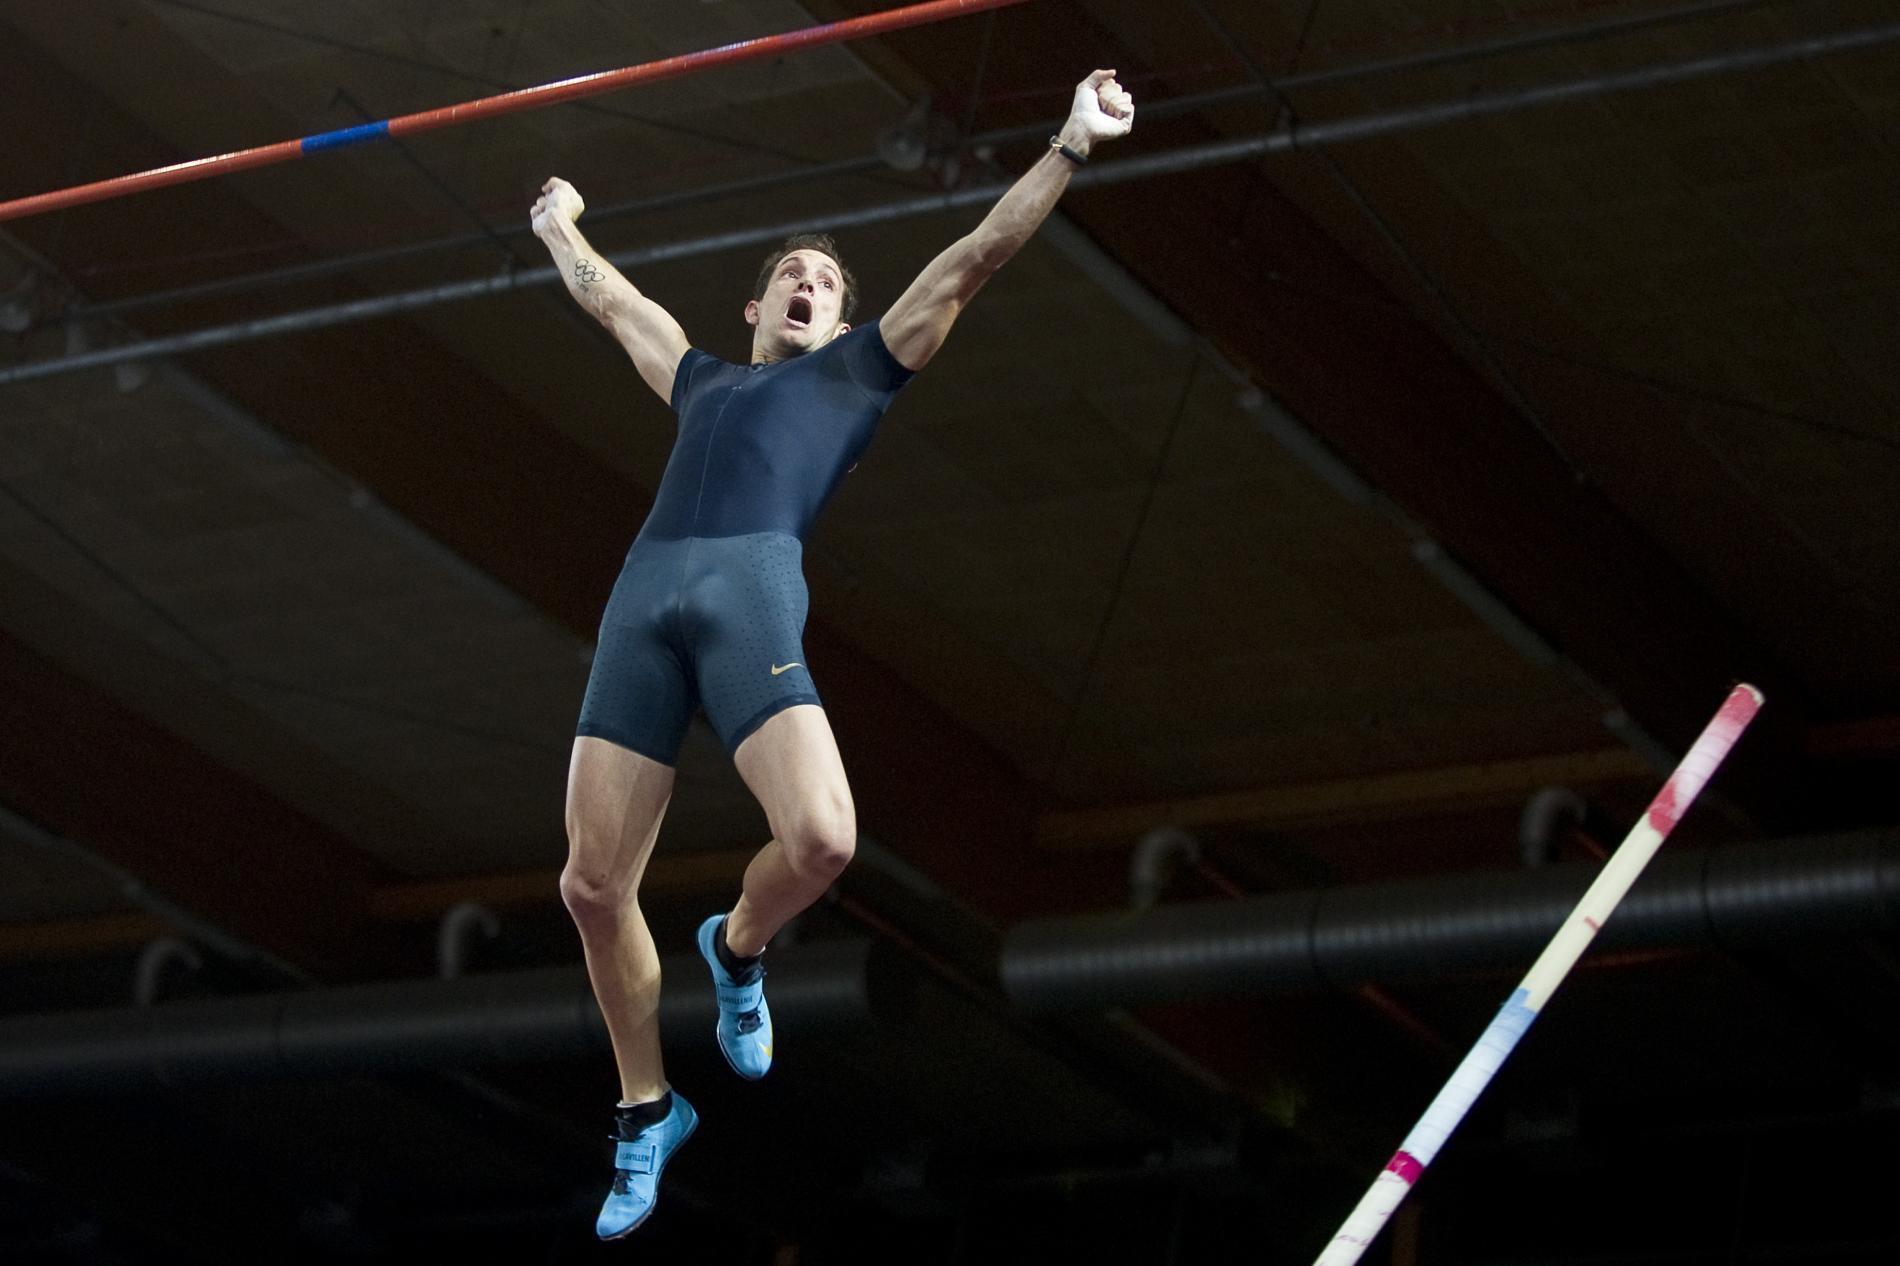 Atletismo salto con garrocha 2018